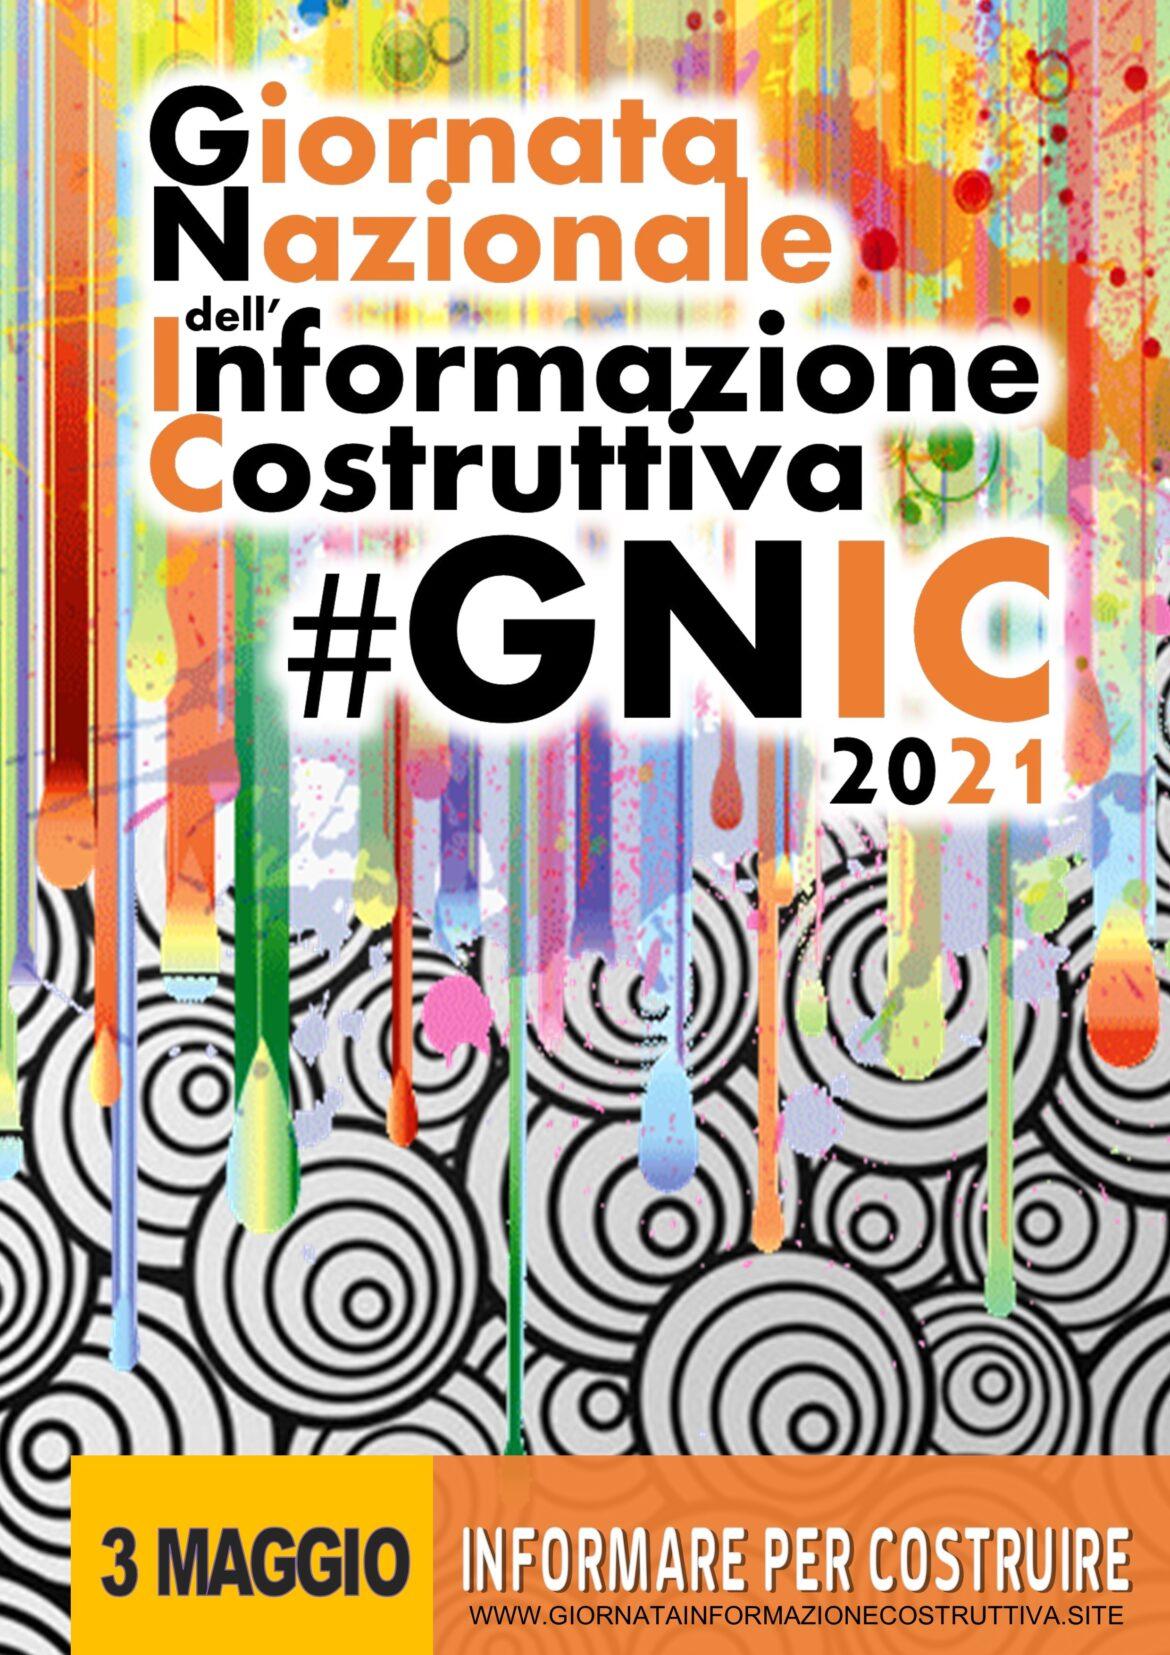 Radio Una Voce Vicina InBlu, tra i partecipanti della Giornata nazionale dell'informazione costruttiva